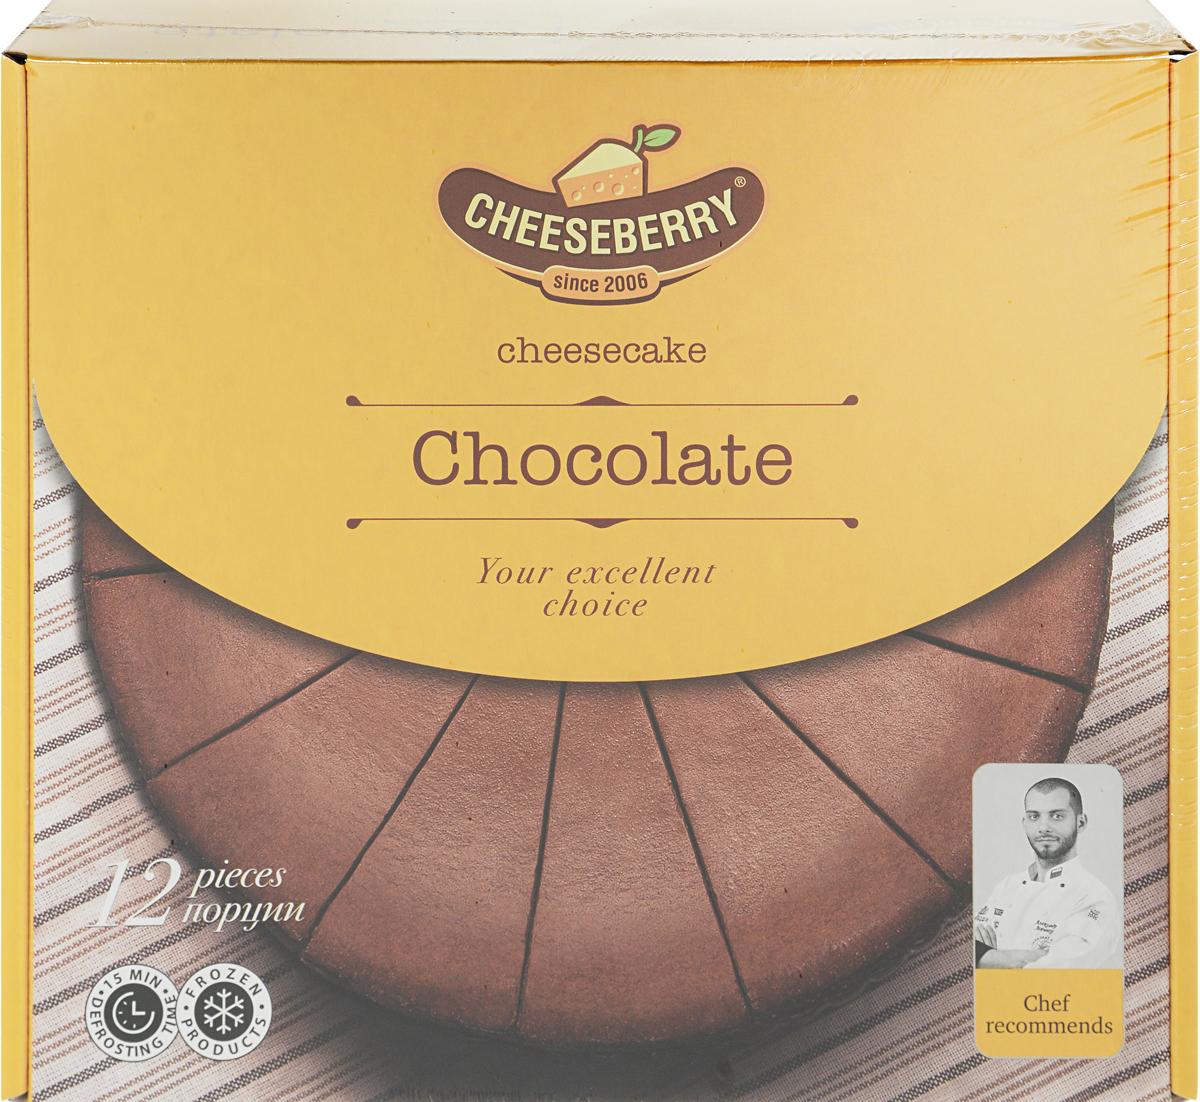 Cheeseberry Чизкейк Шоколадный, 1000 гМК000001184Насыщенный благородный вкус этому чизкейку дарит премиальныйитальянский шоколад в сочетании со сливочной массой на основе натурального творожного сыра.